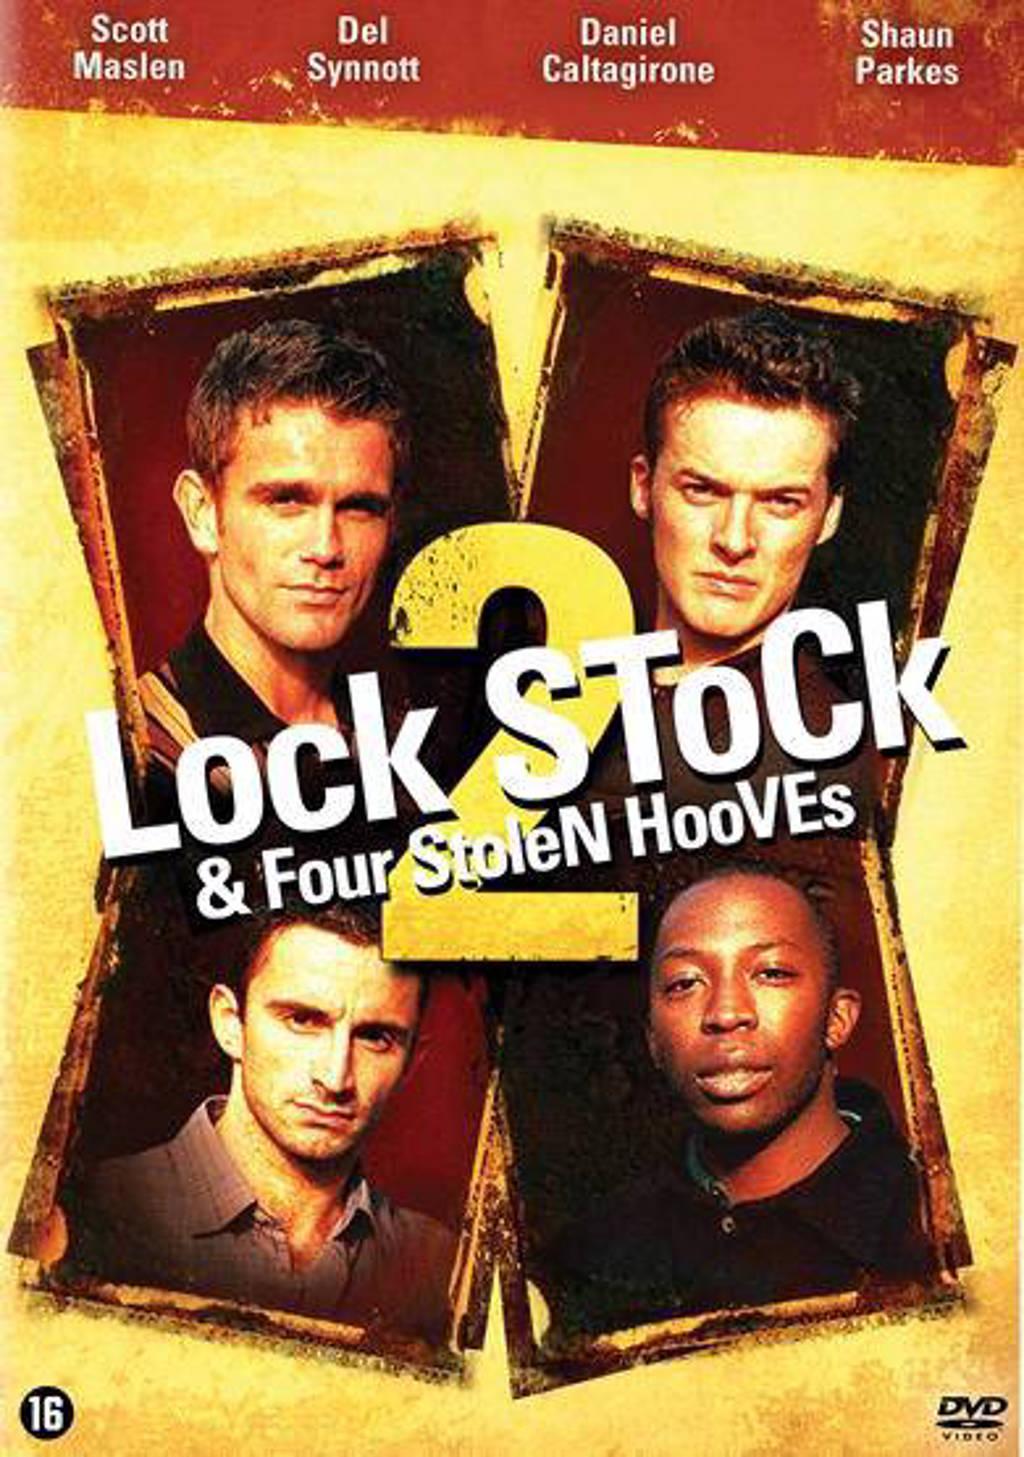 Lock stock & four stolen hooves 2 (DVD)